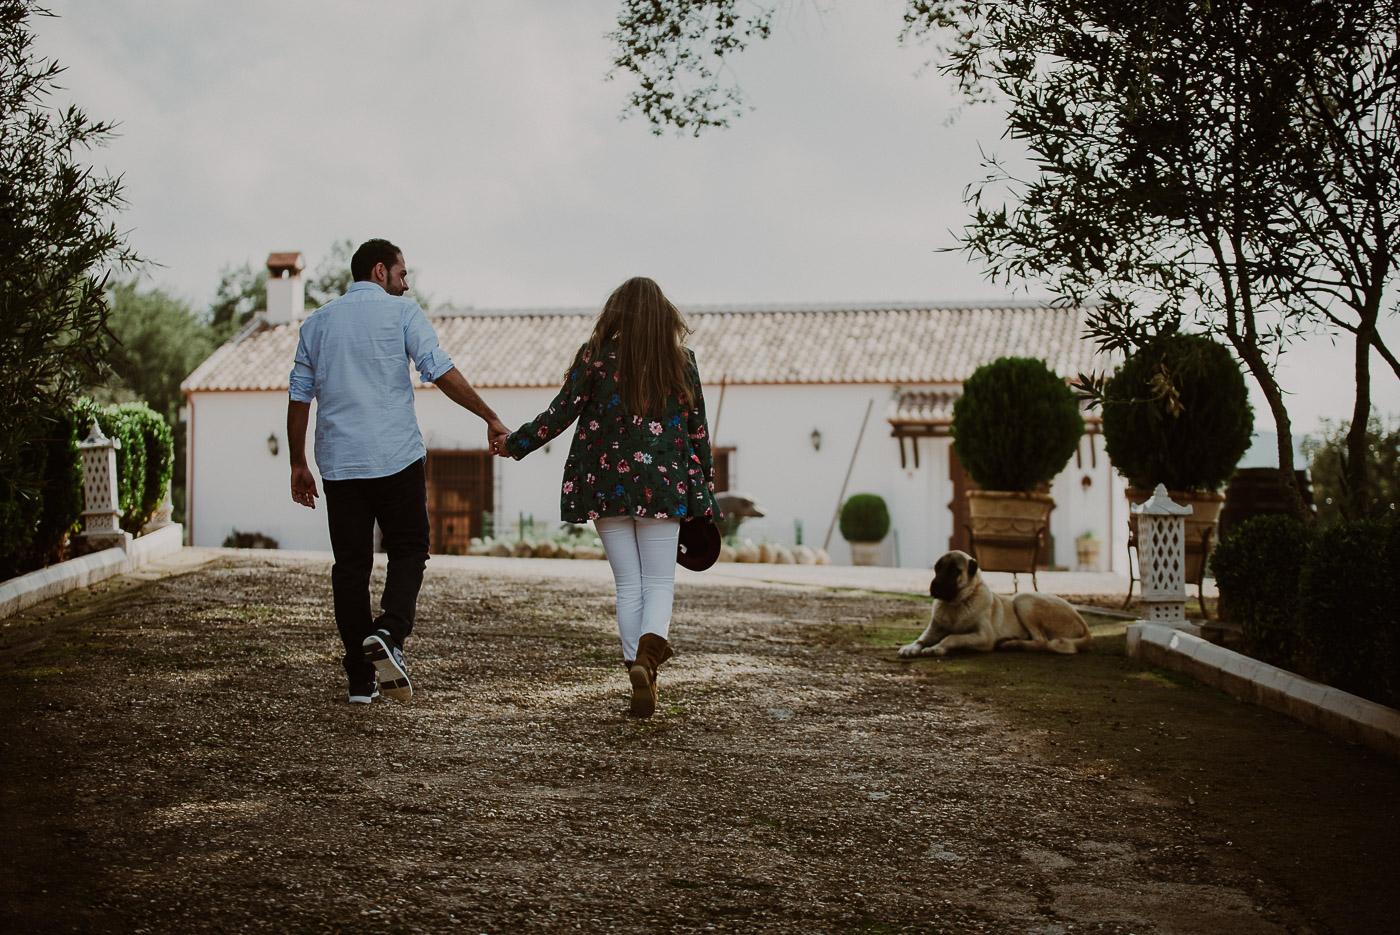 fotografo-bodas-Sevilla-Preboda-Sierra-Constantina-manuel-fijo